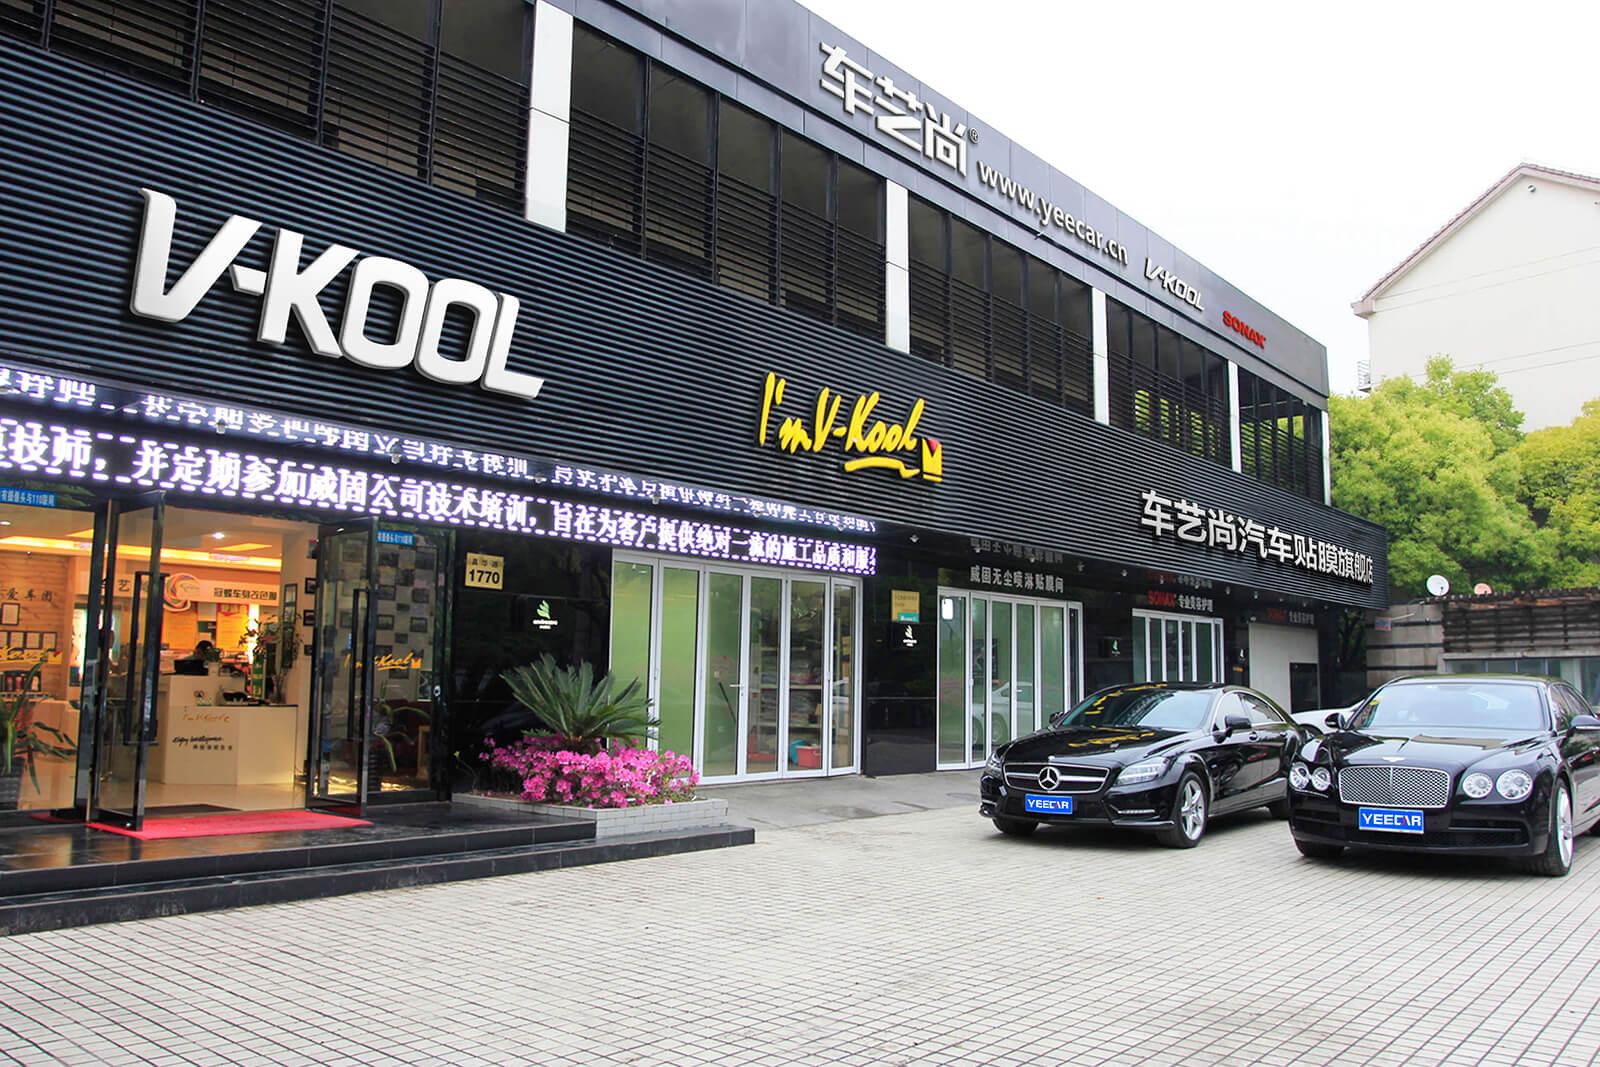 V-KOOL上海旗舰店(点击查看详情)